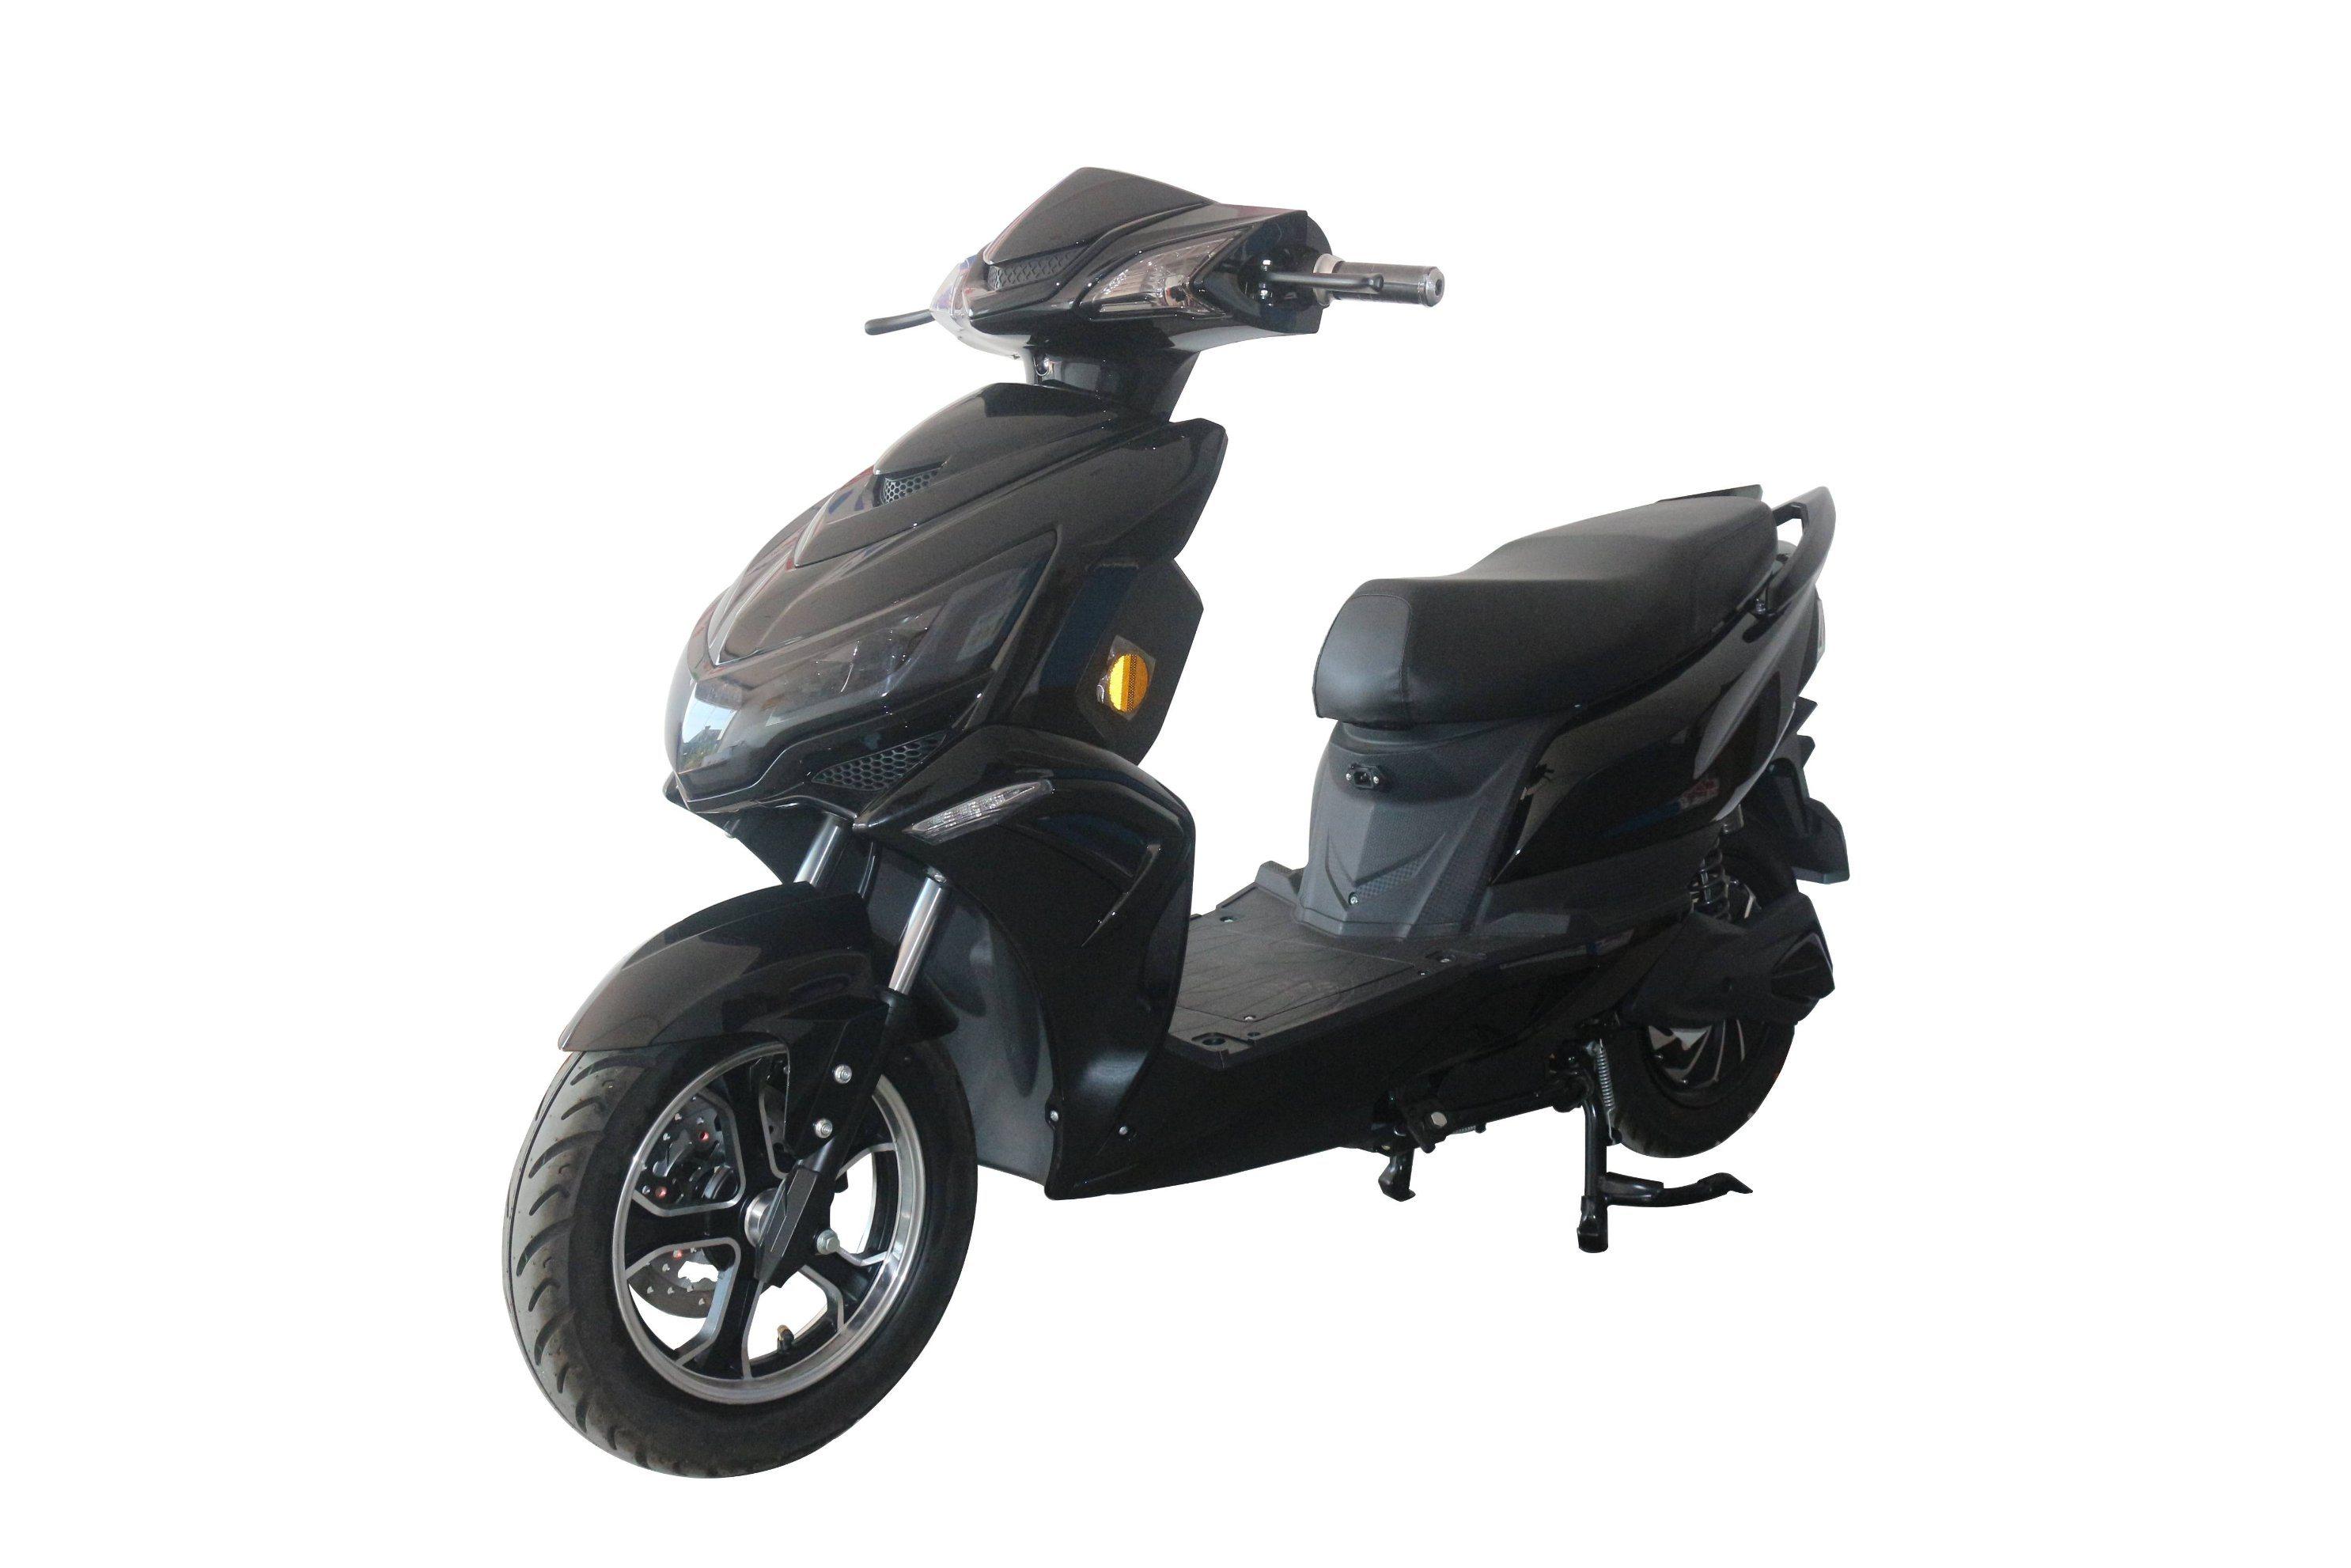 2021 고속 동력 모터 실행 고속 전기 스쿠터 오토바이 중국 공장에서